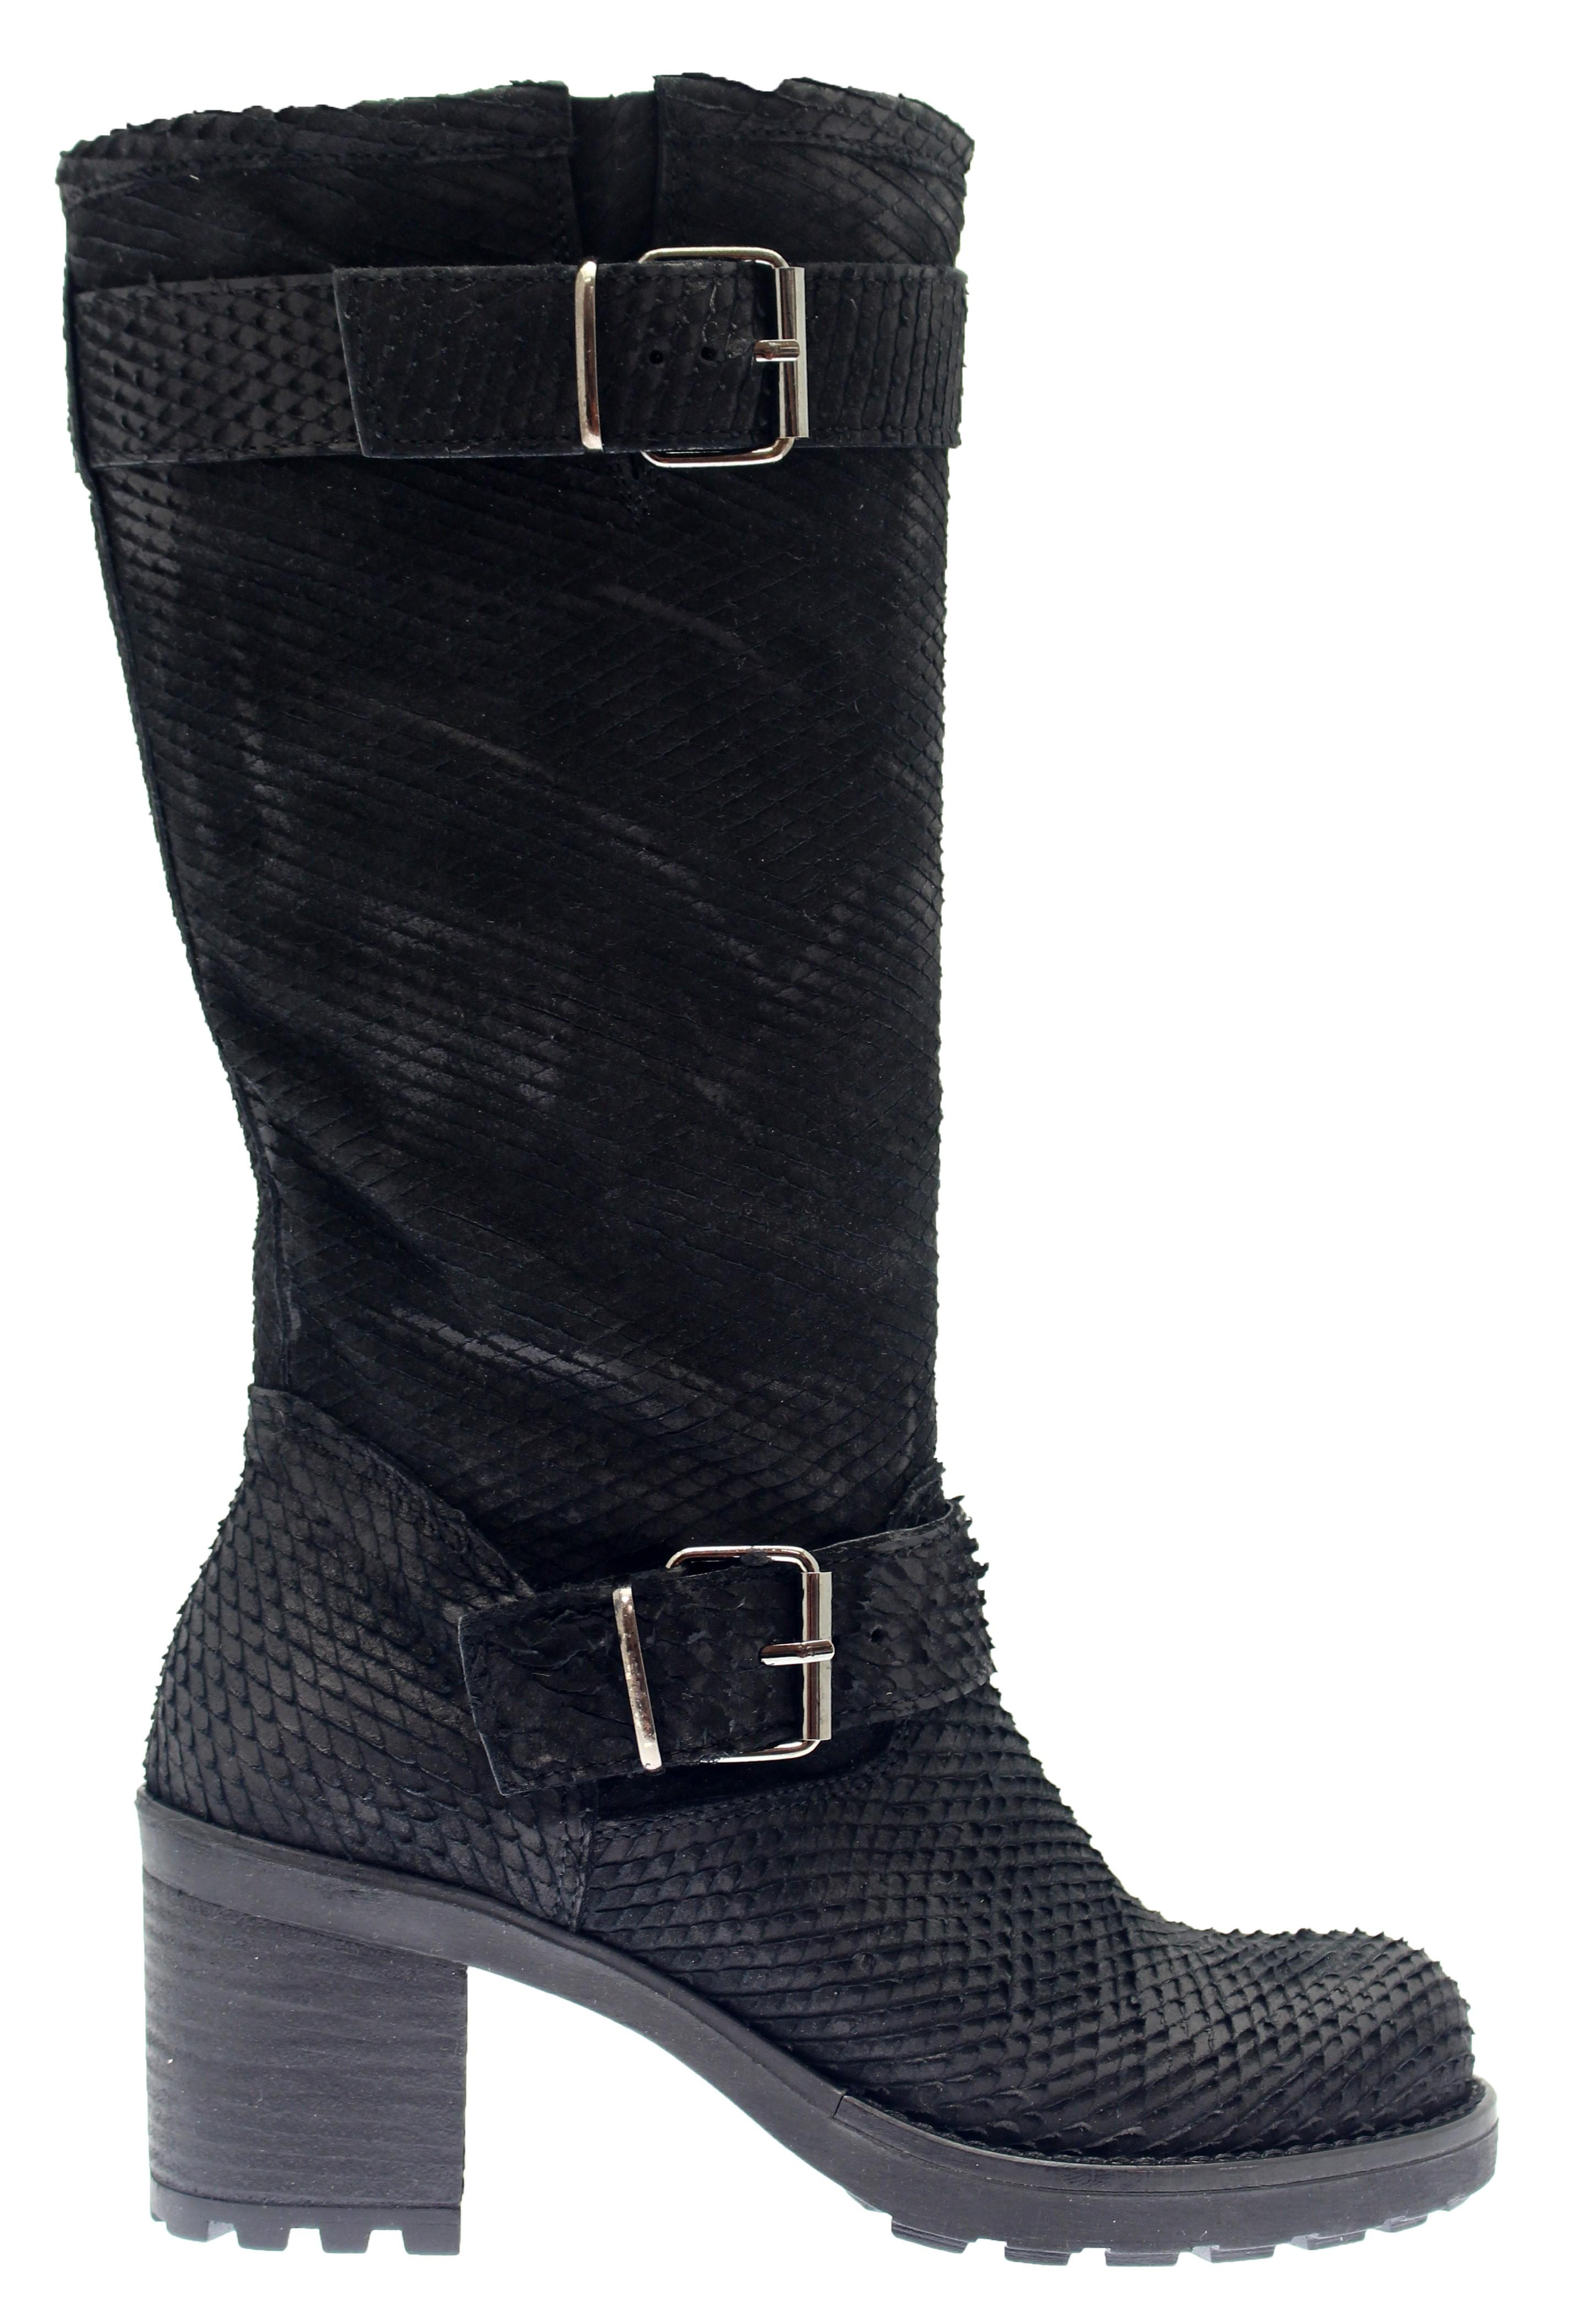 Botte Motarde python noir femme OSMOSE shoes paris à prix dingue